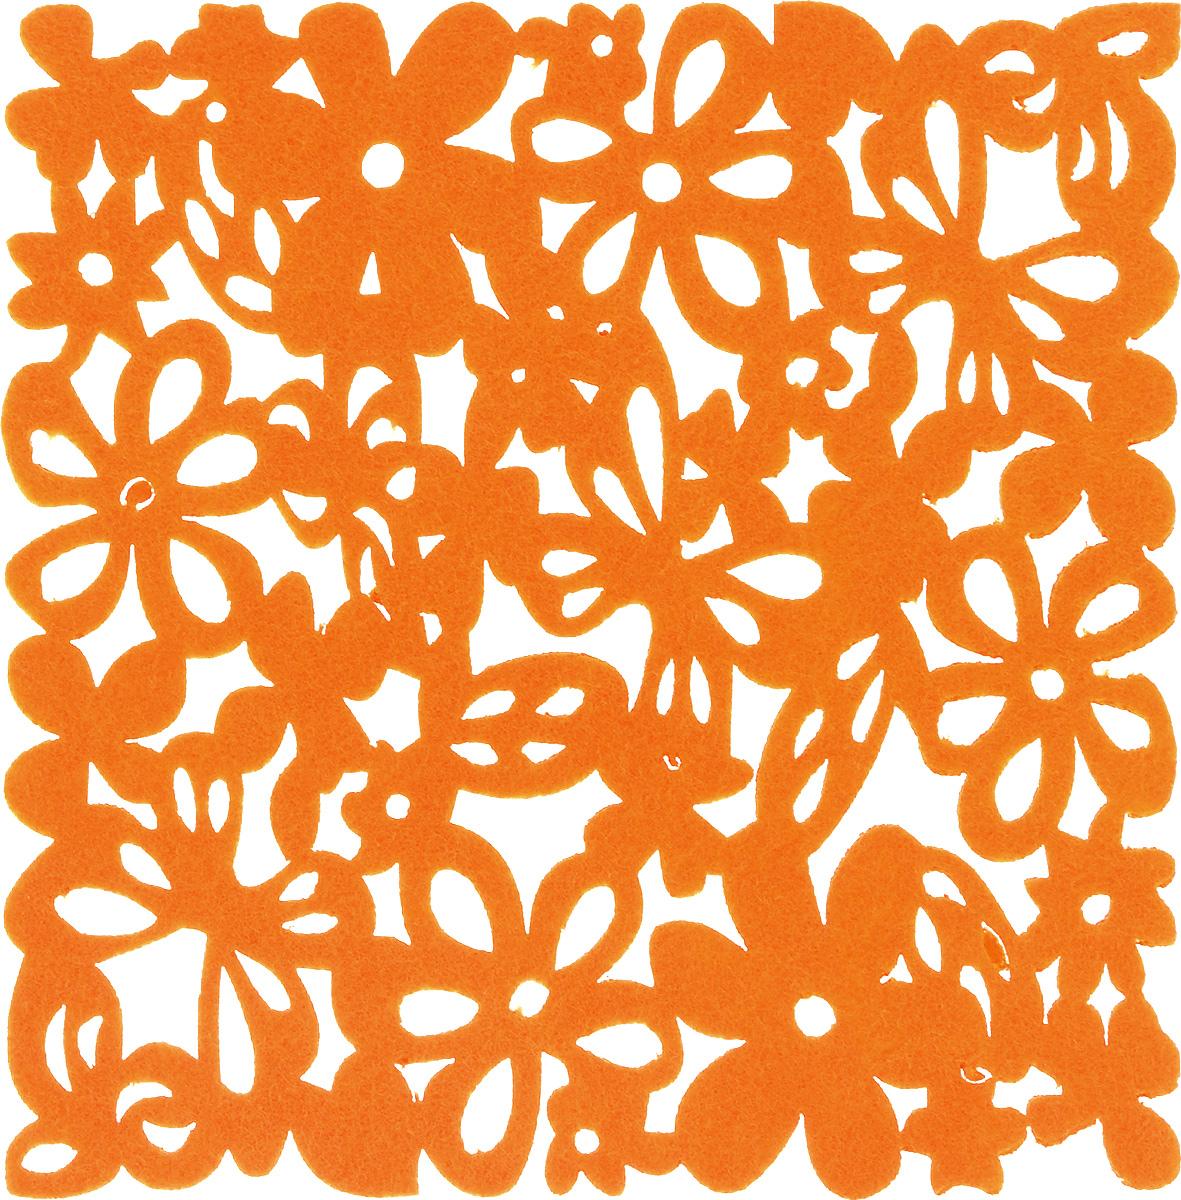 Салфетка-подставка под горячее Blumen Haus, квадратная, цвет: оранжевый, 20 х 20 см82015_оранжевыйКвадратная салфетка-подставка под горячее Blumen Haus изготовлена из фетра и оформлена изысканной перфорацией. Она прекрасно подойдет для украшения интерьера кухни. Каждая хозяйка знает, что подставка под горячее - это незаменимый и очень полезный аксессуар на кухне. Ваш стол будет не только украшен оригинальной подставкой, но и защищен от воздействия высоких температур ваших кулинарных шедевров.